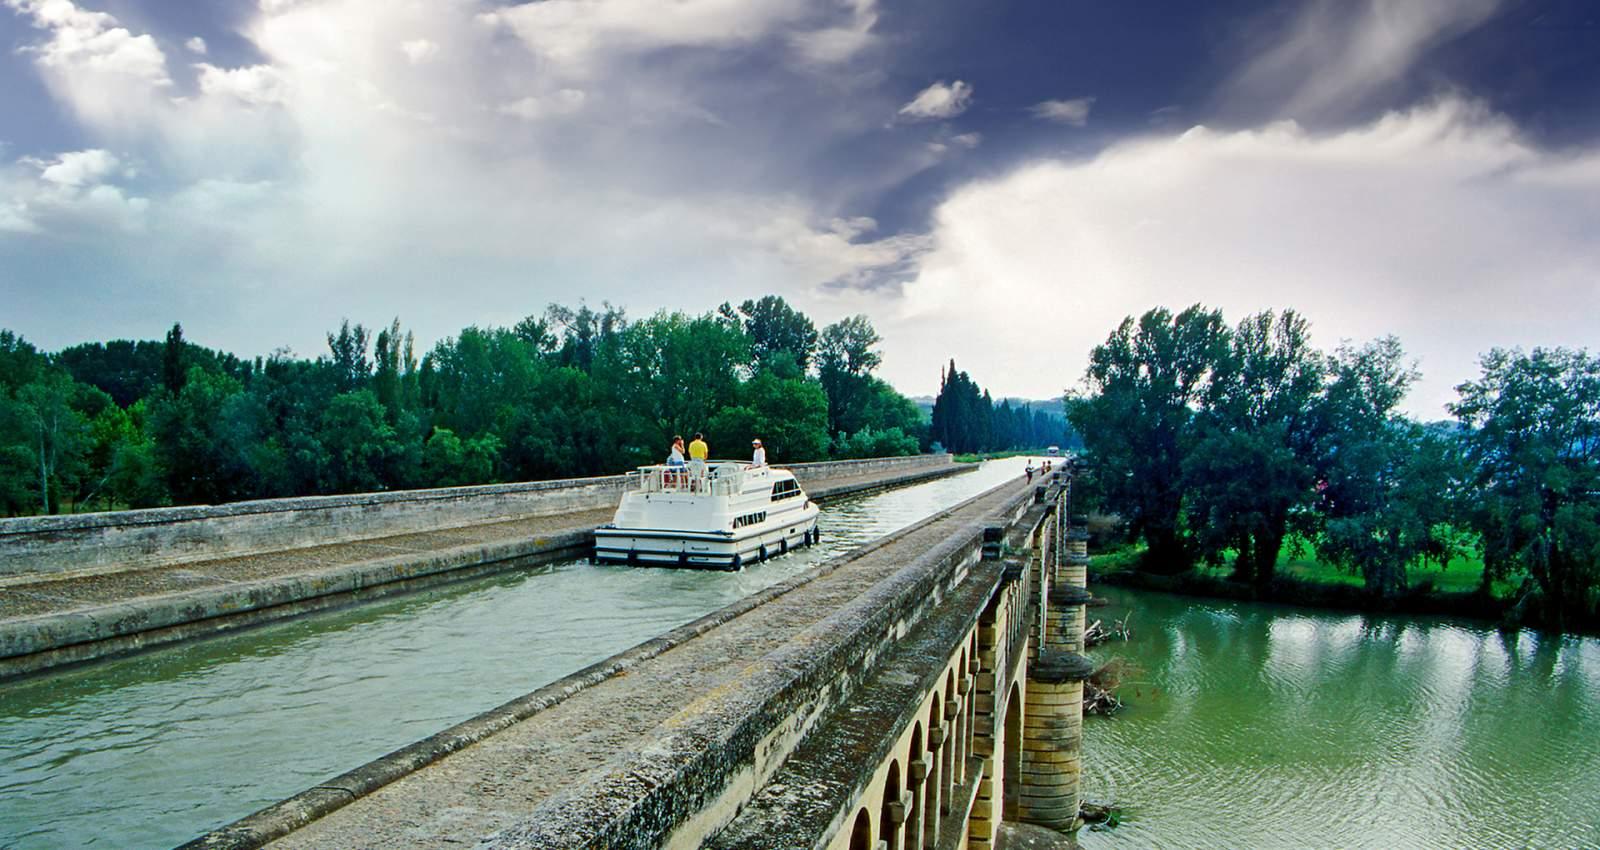 Zanimljivi putevi, staze, ceste - Page 2 263-region-canal-du-midi-1600x850